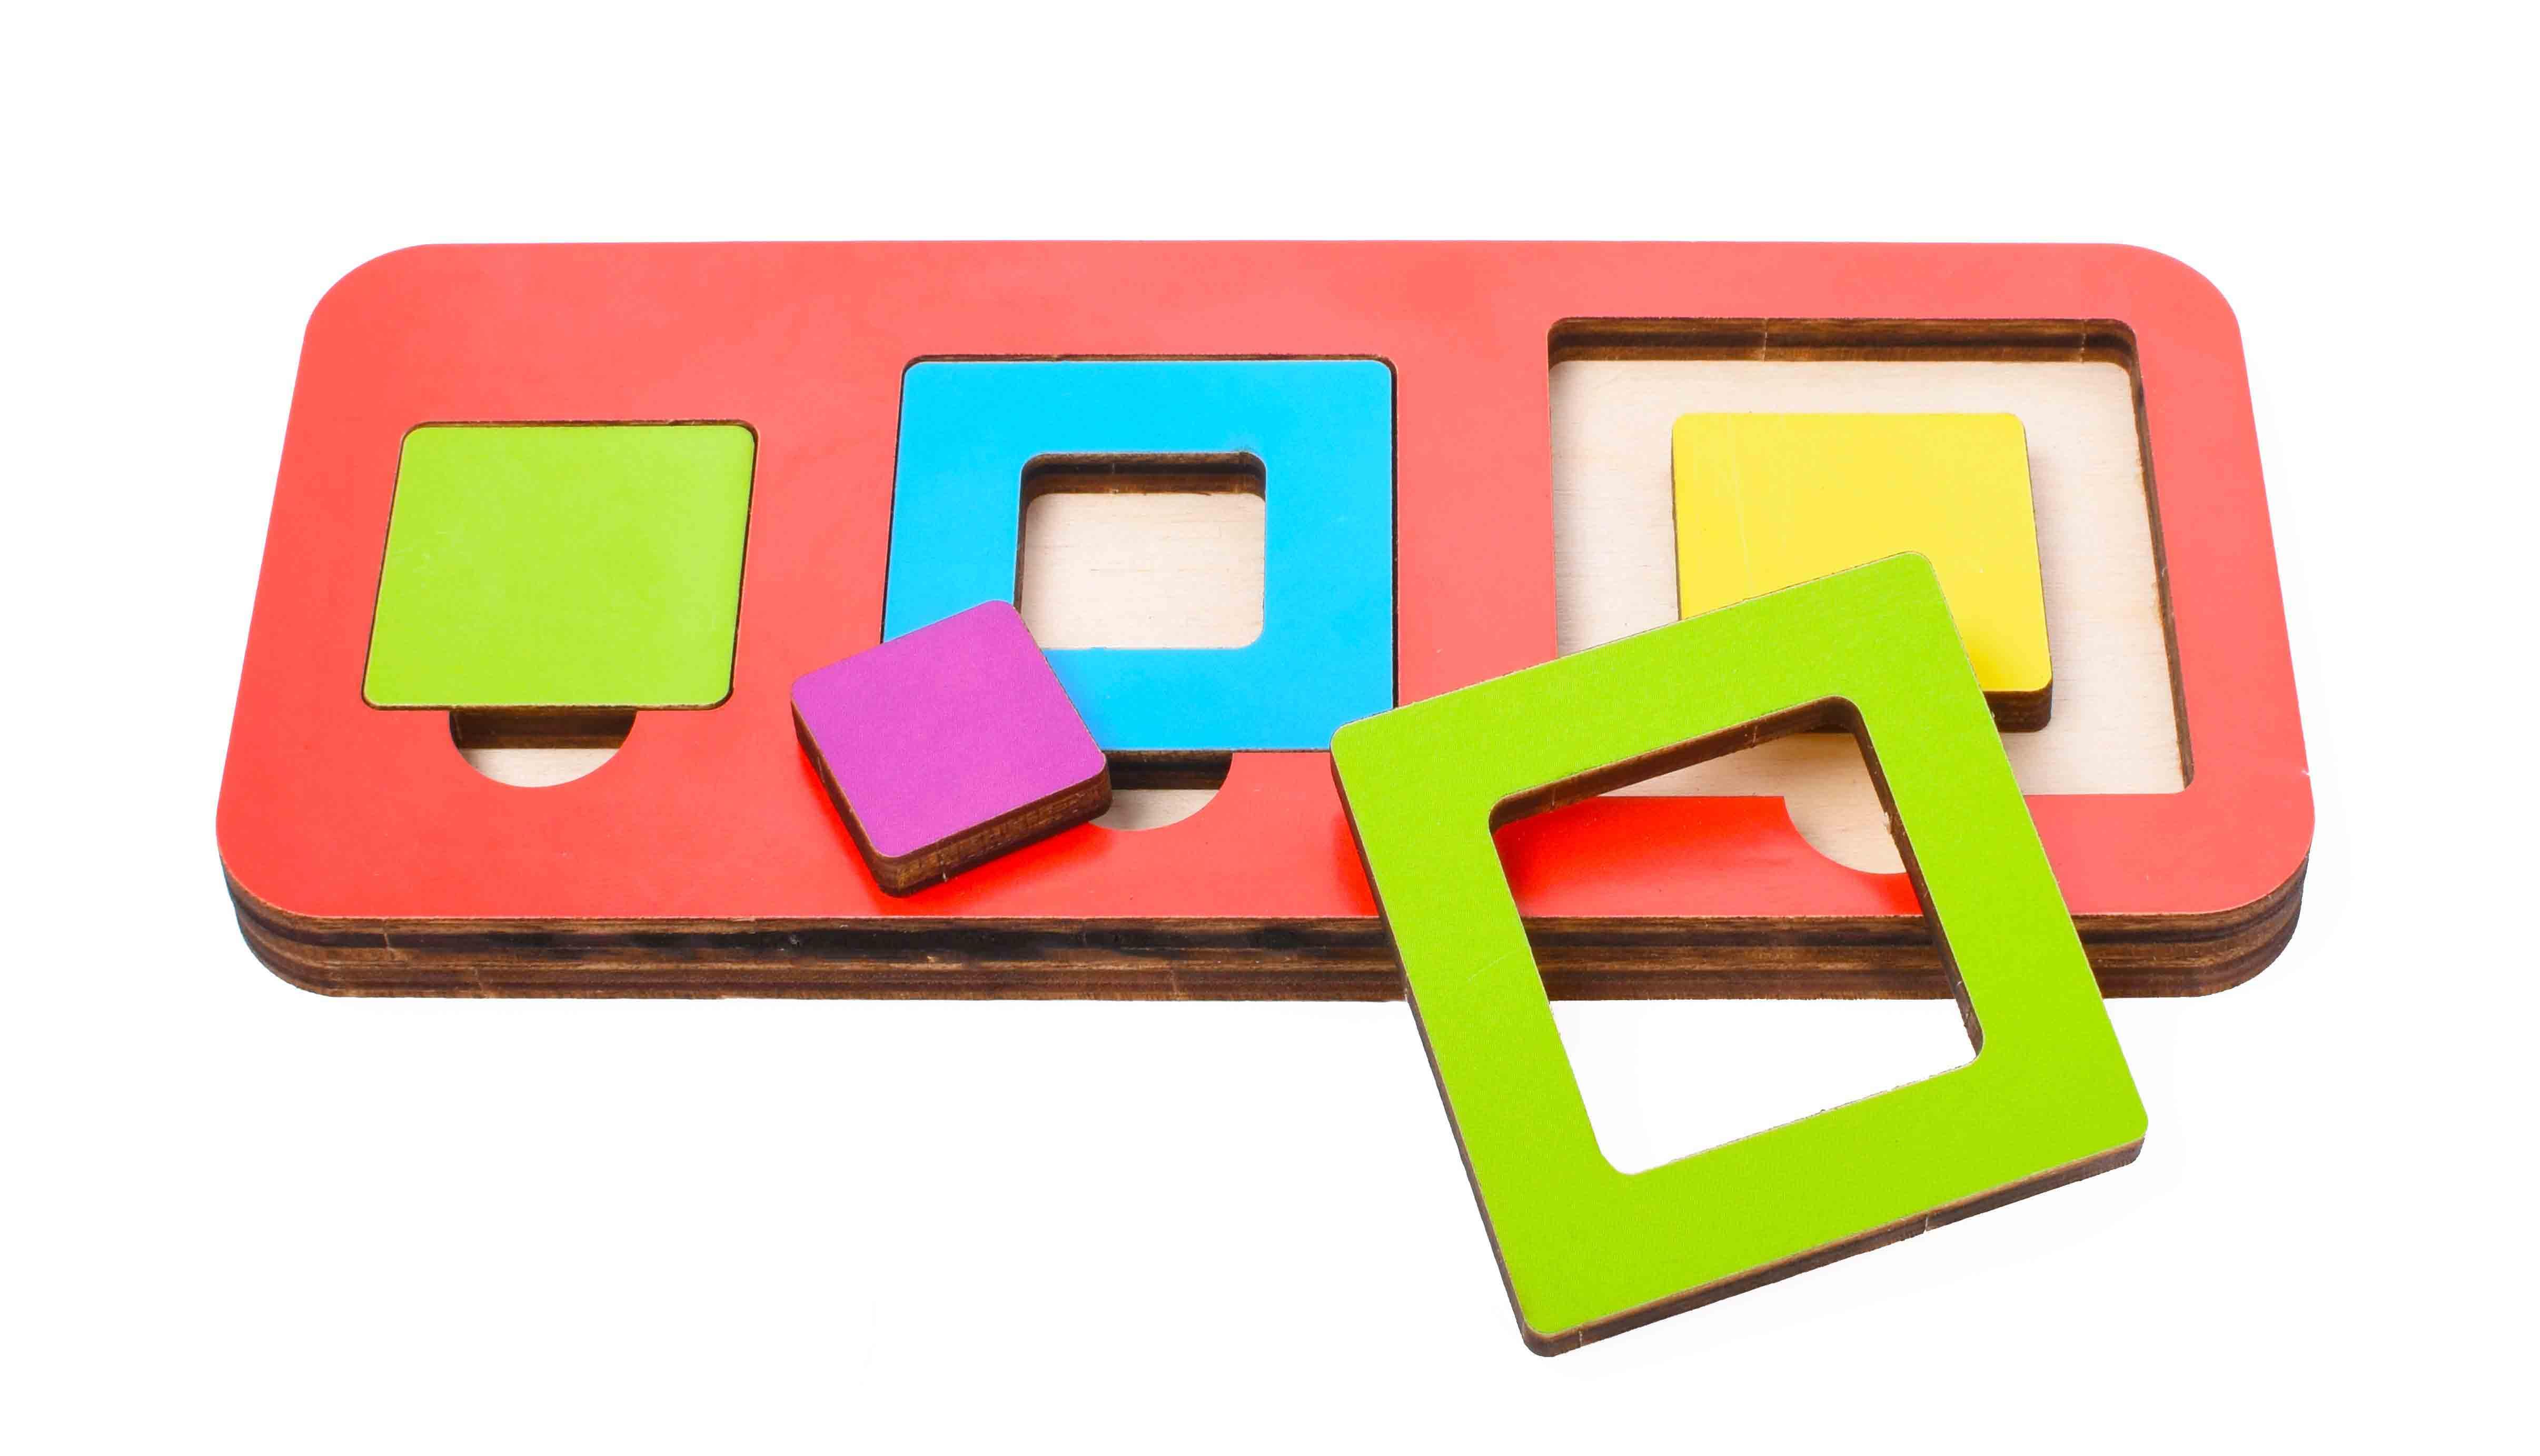 Игрушка детская:04098 Вкладыш 6 элементов  квадрат (по системе раннего развития) цвет в асс-те